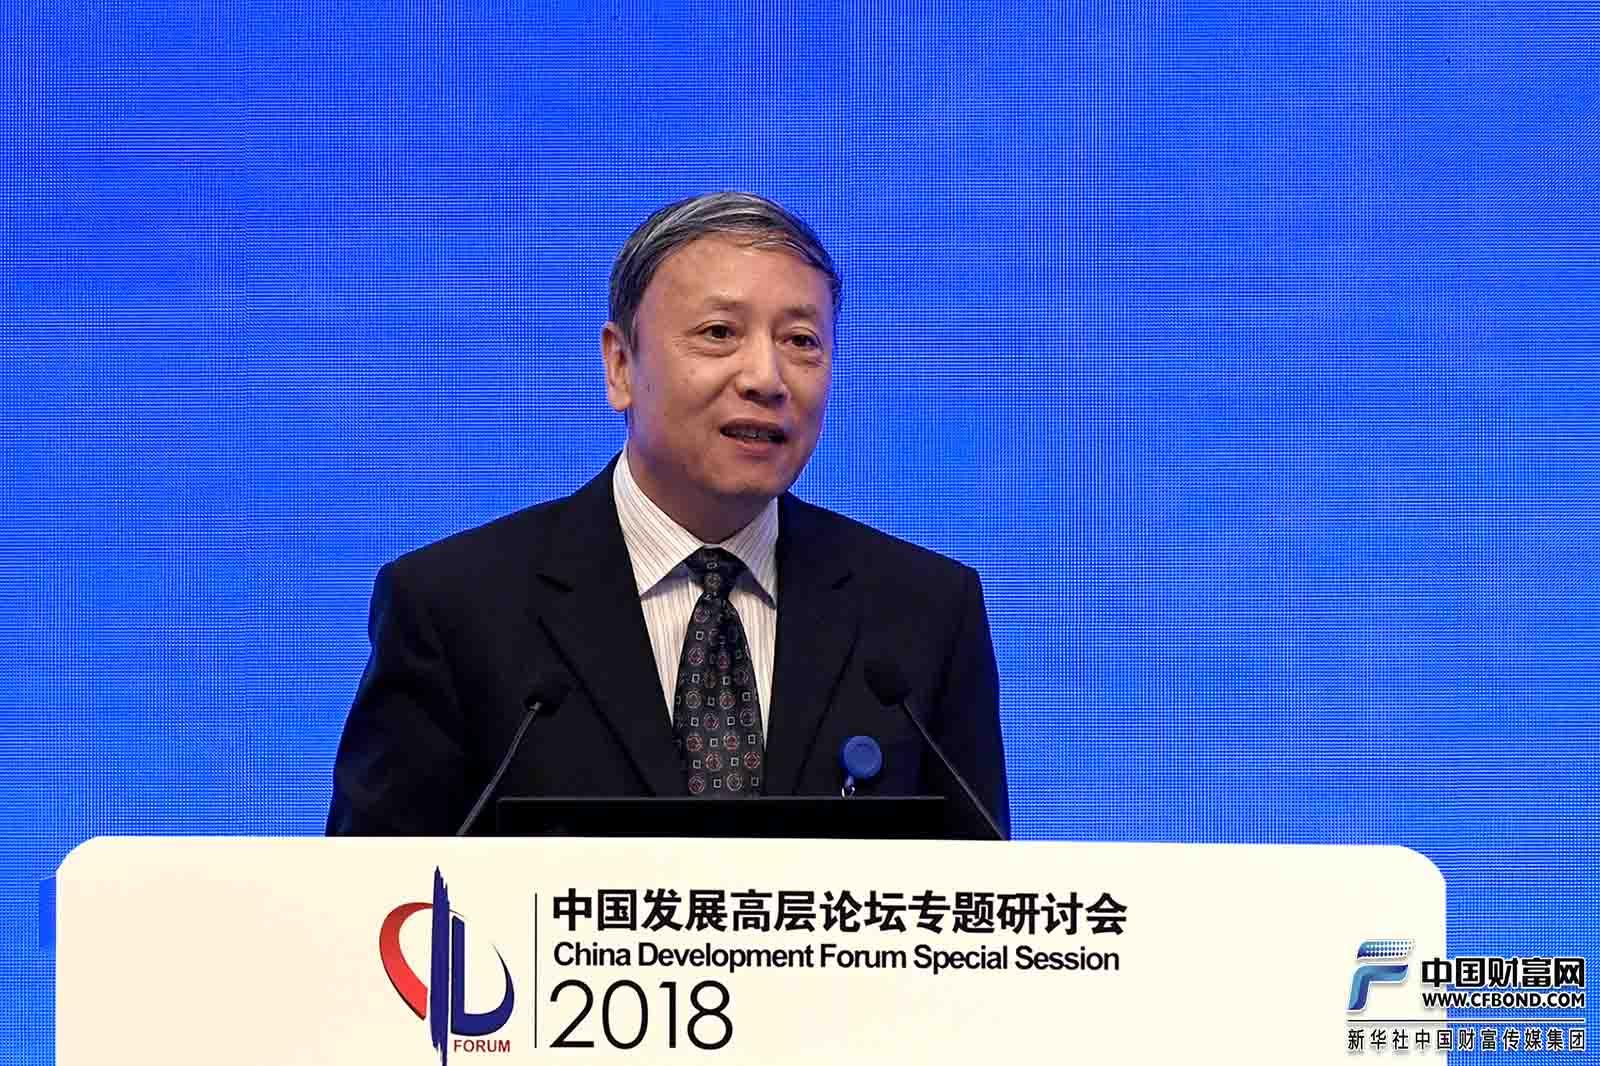 中国社会科学院副院长蔡昉发言